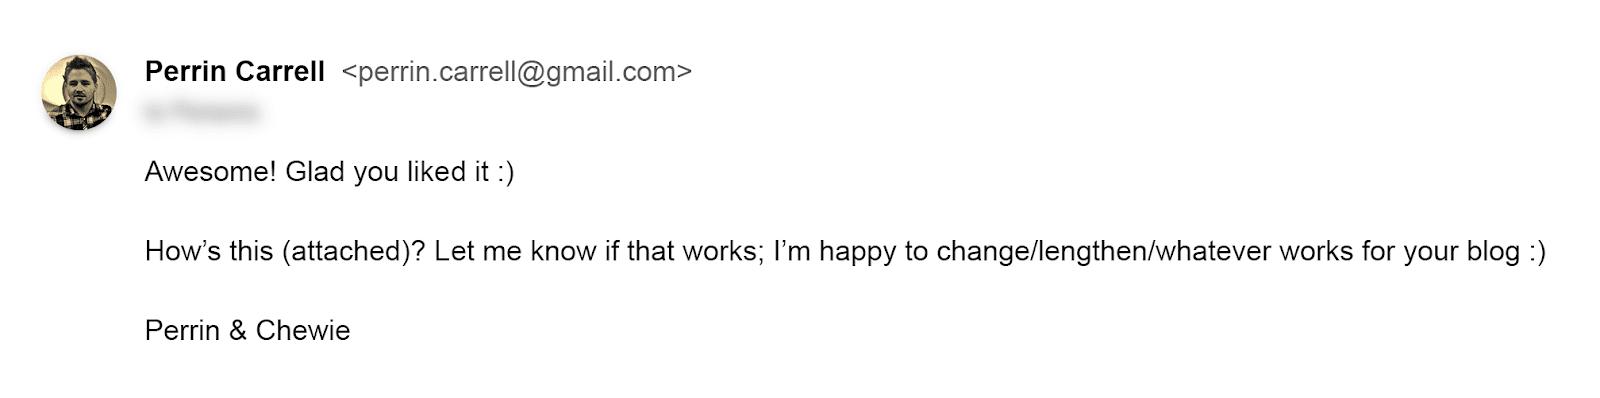 Email với lời giới thiệu độc đáo